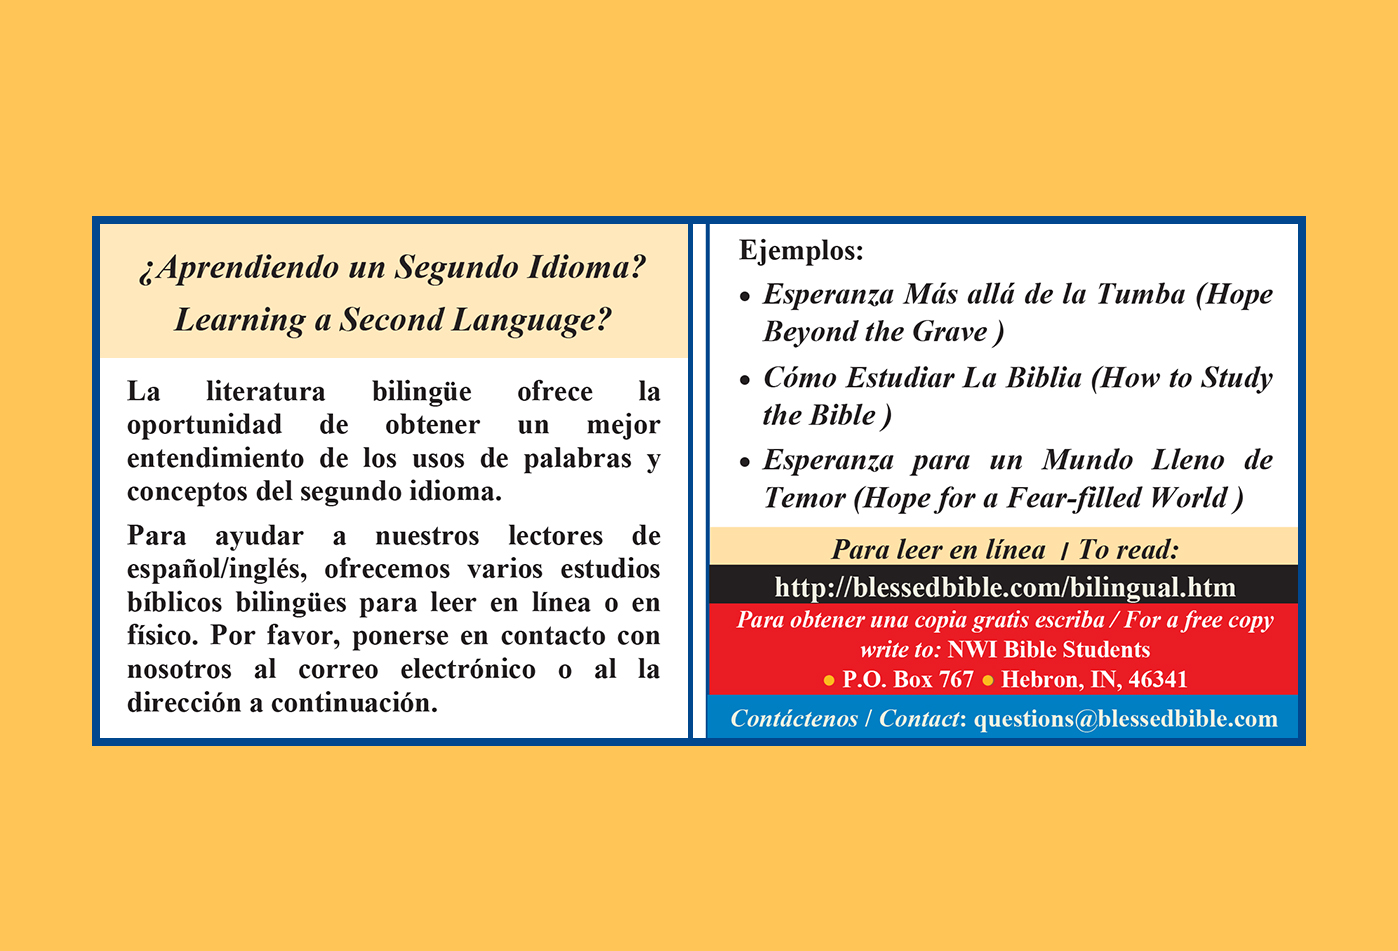 ¿Aprendiendo un segundo idioma?